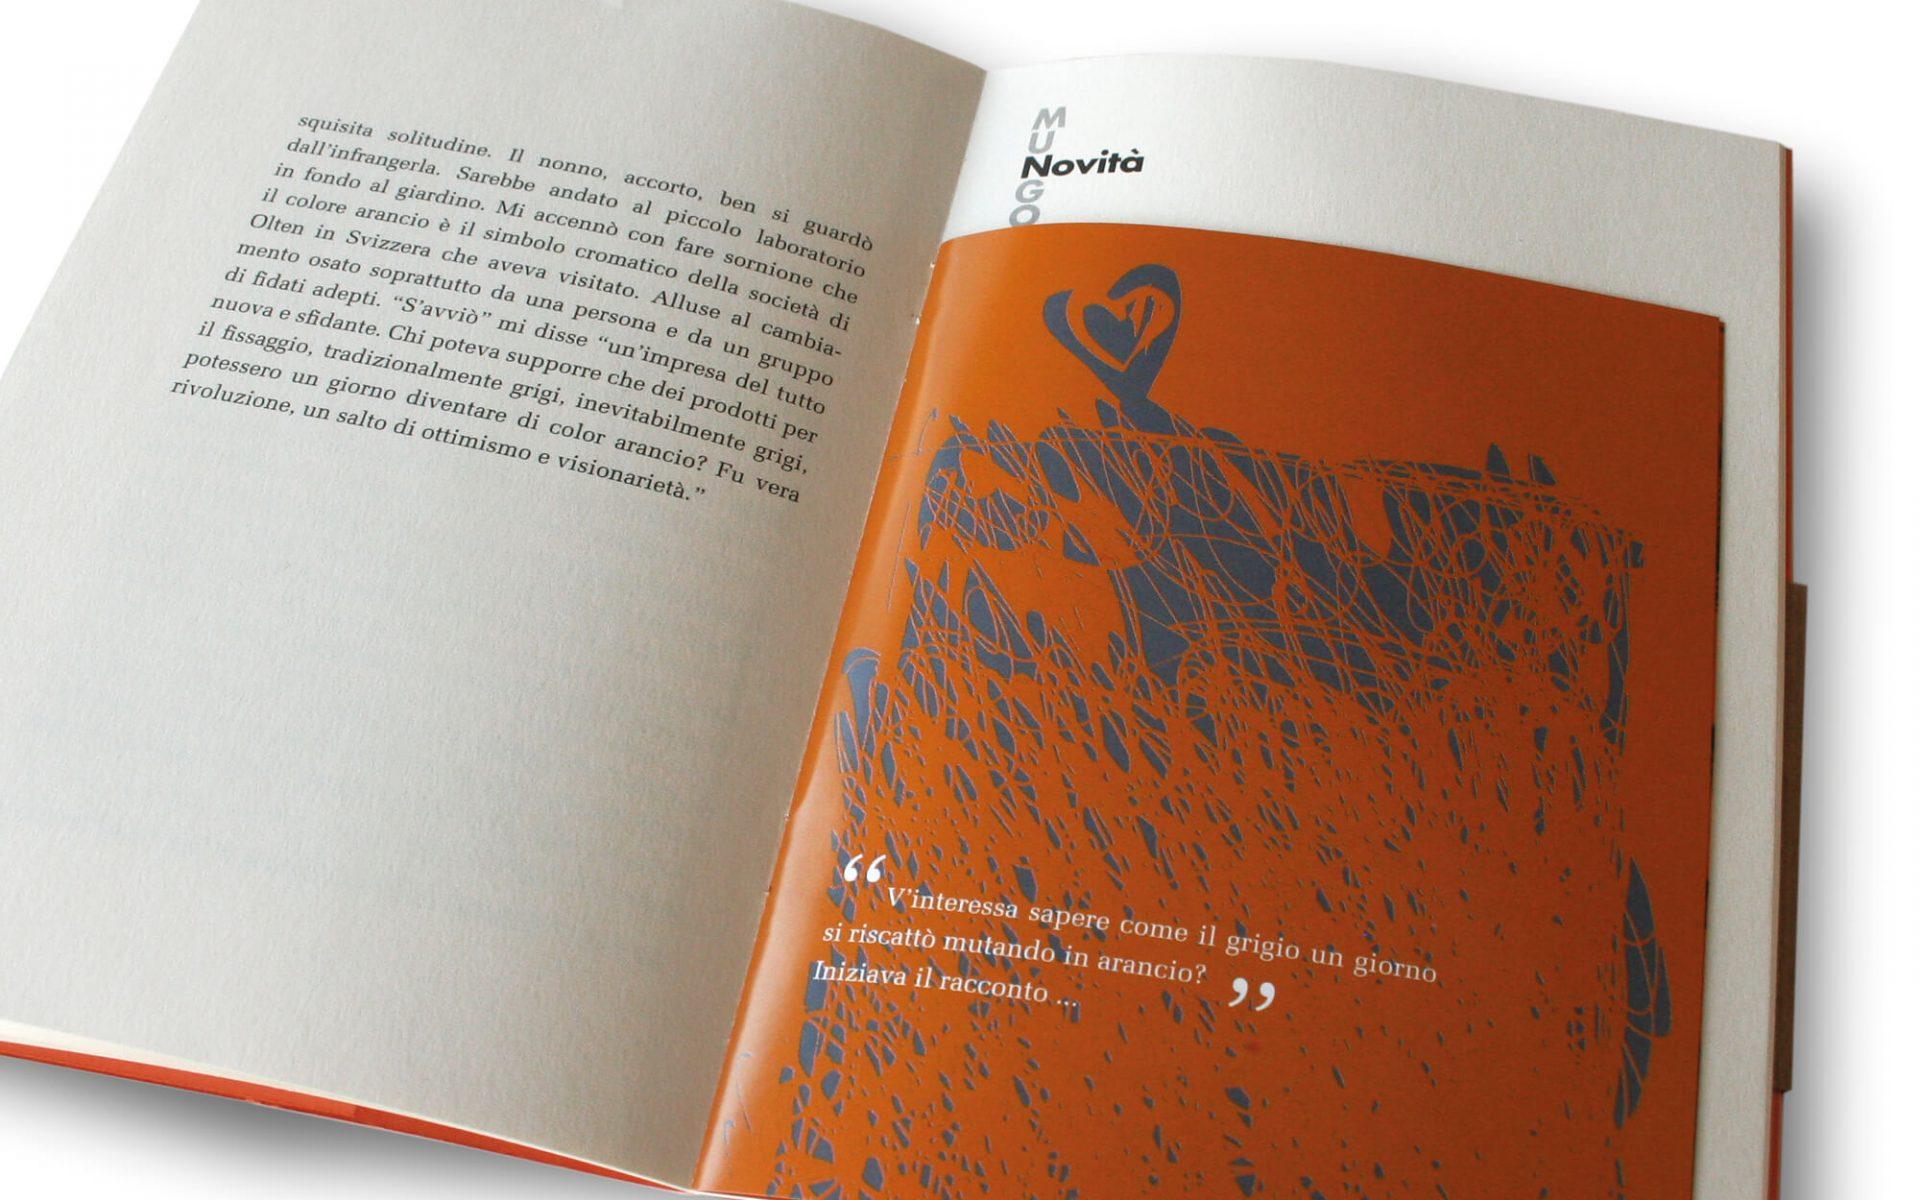 illustrazione per libretto -quel piccolo cosmo- dettaglio pagine interne. Storytelling di Fabio Turchini e illustrazioni da Laura Marcolini per Diadestudio, Trento.